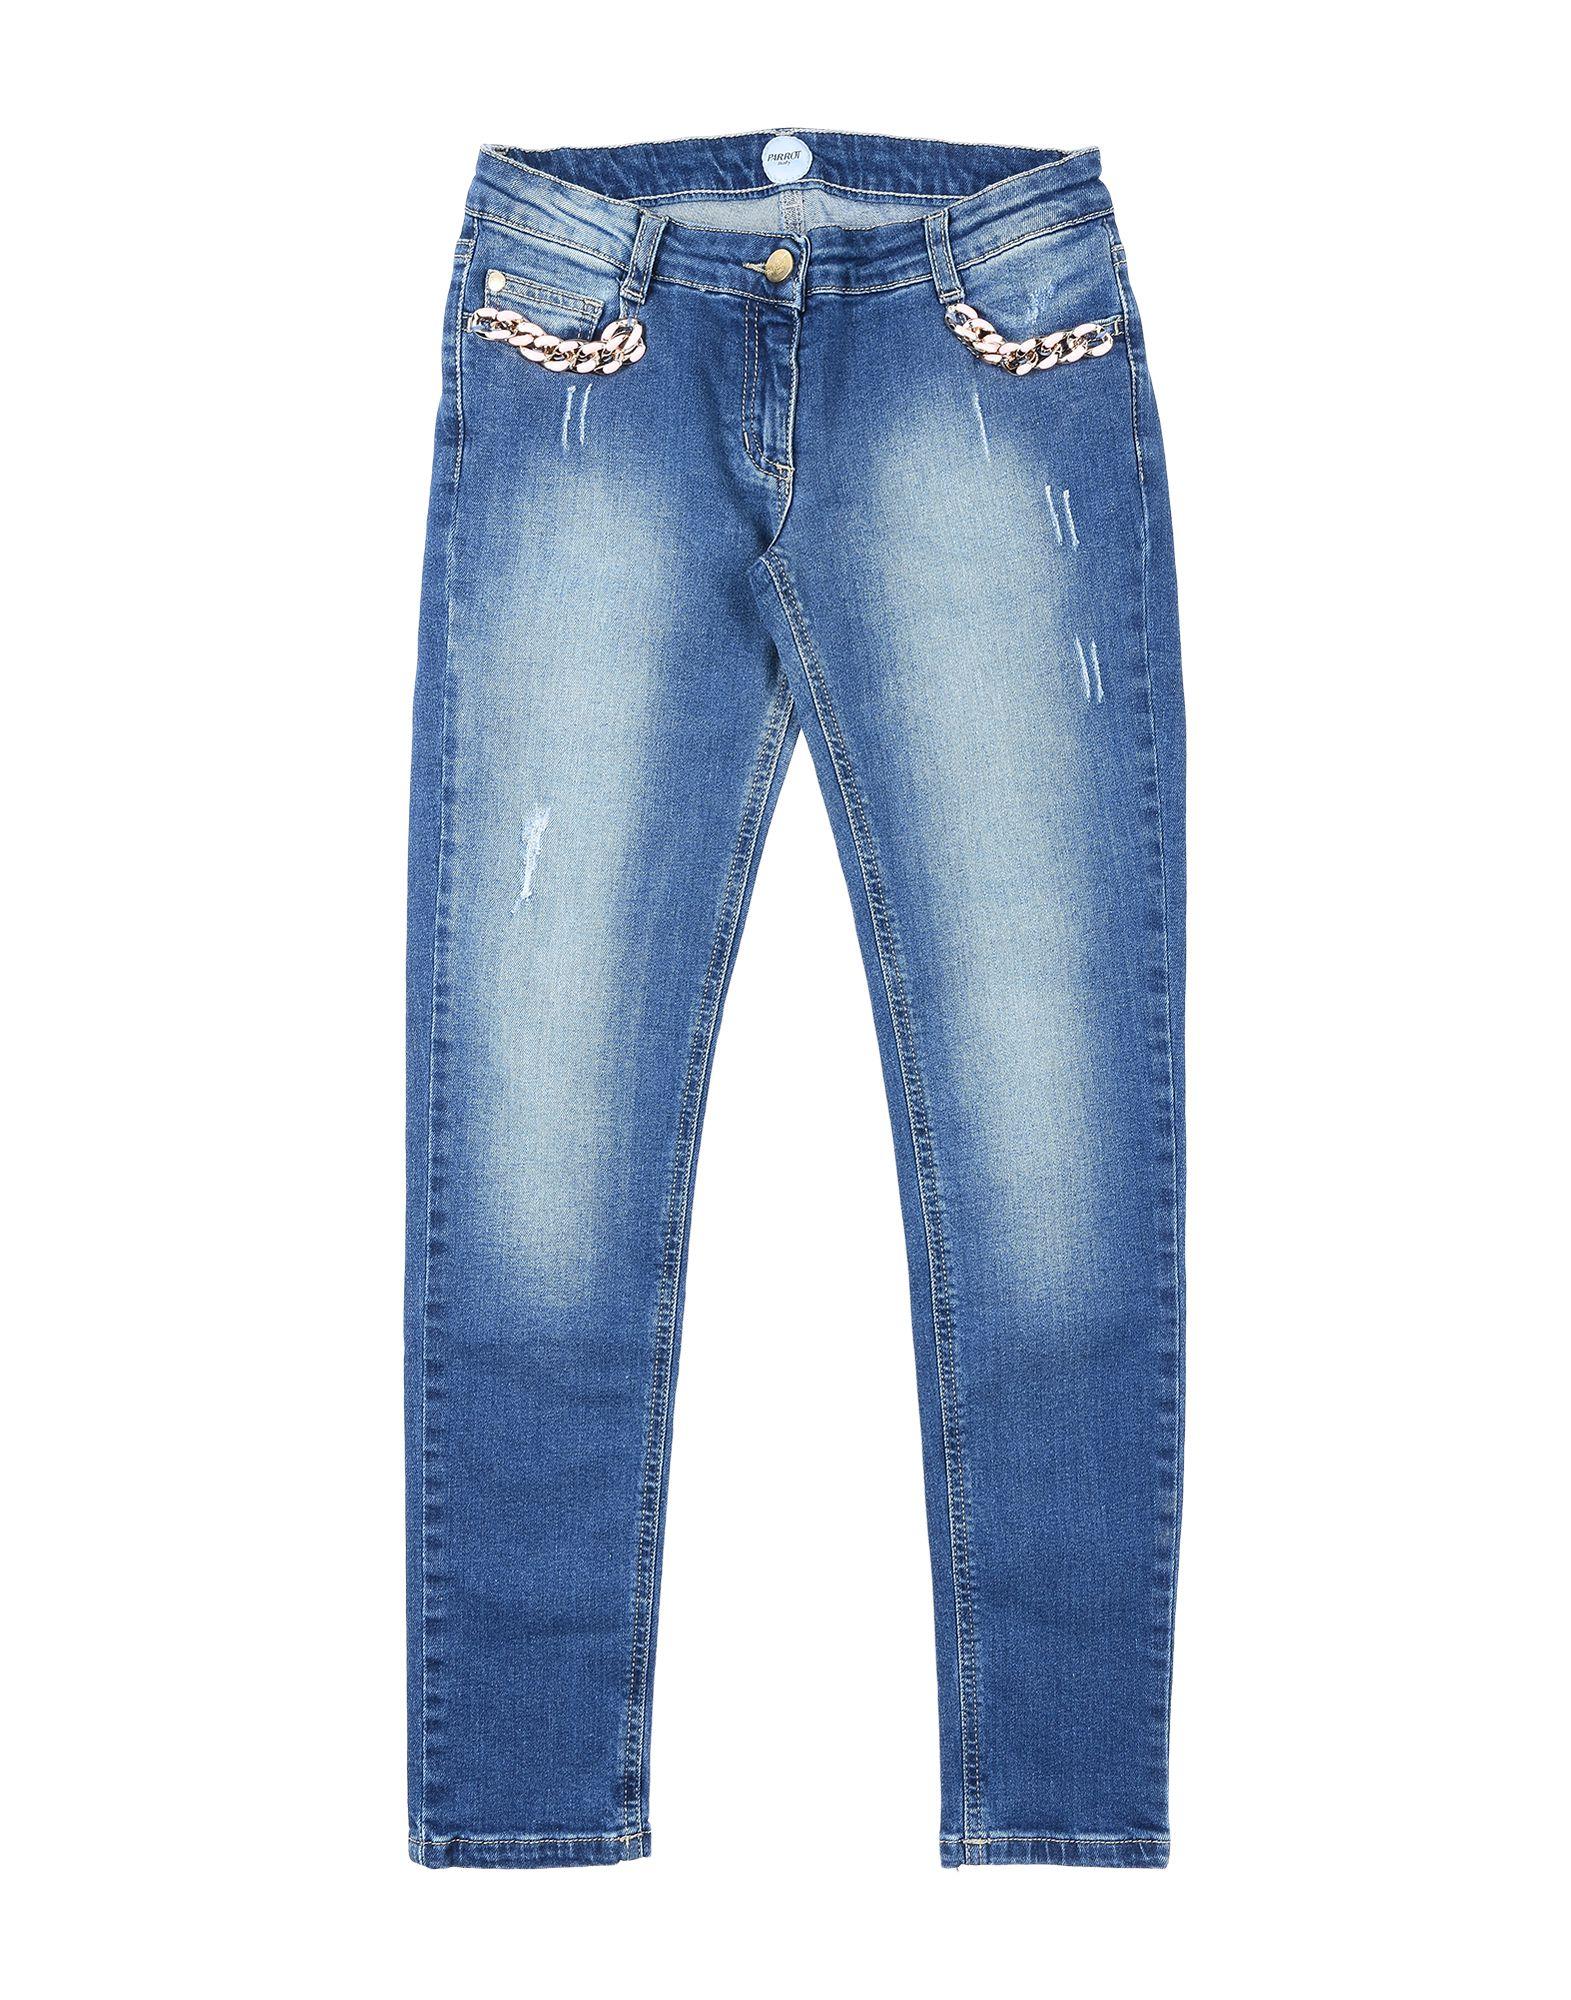 Parrot Kids' Jeans In Blue